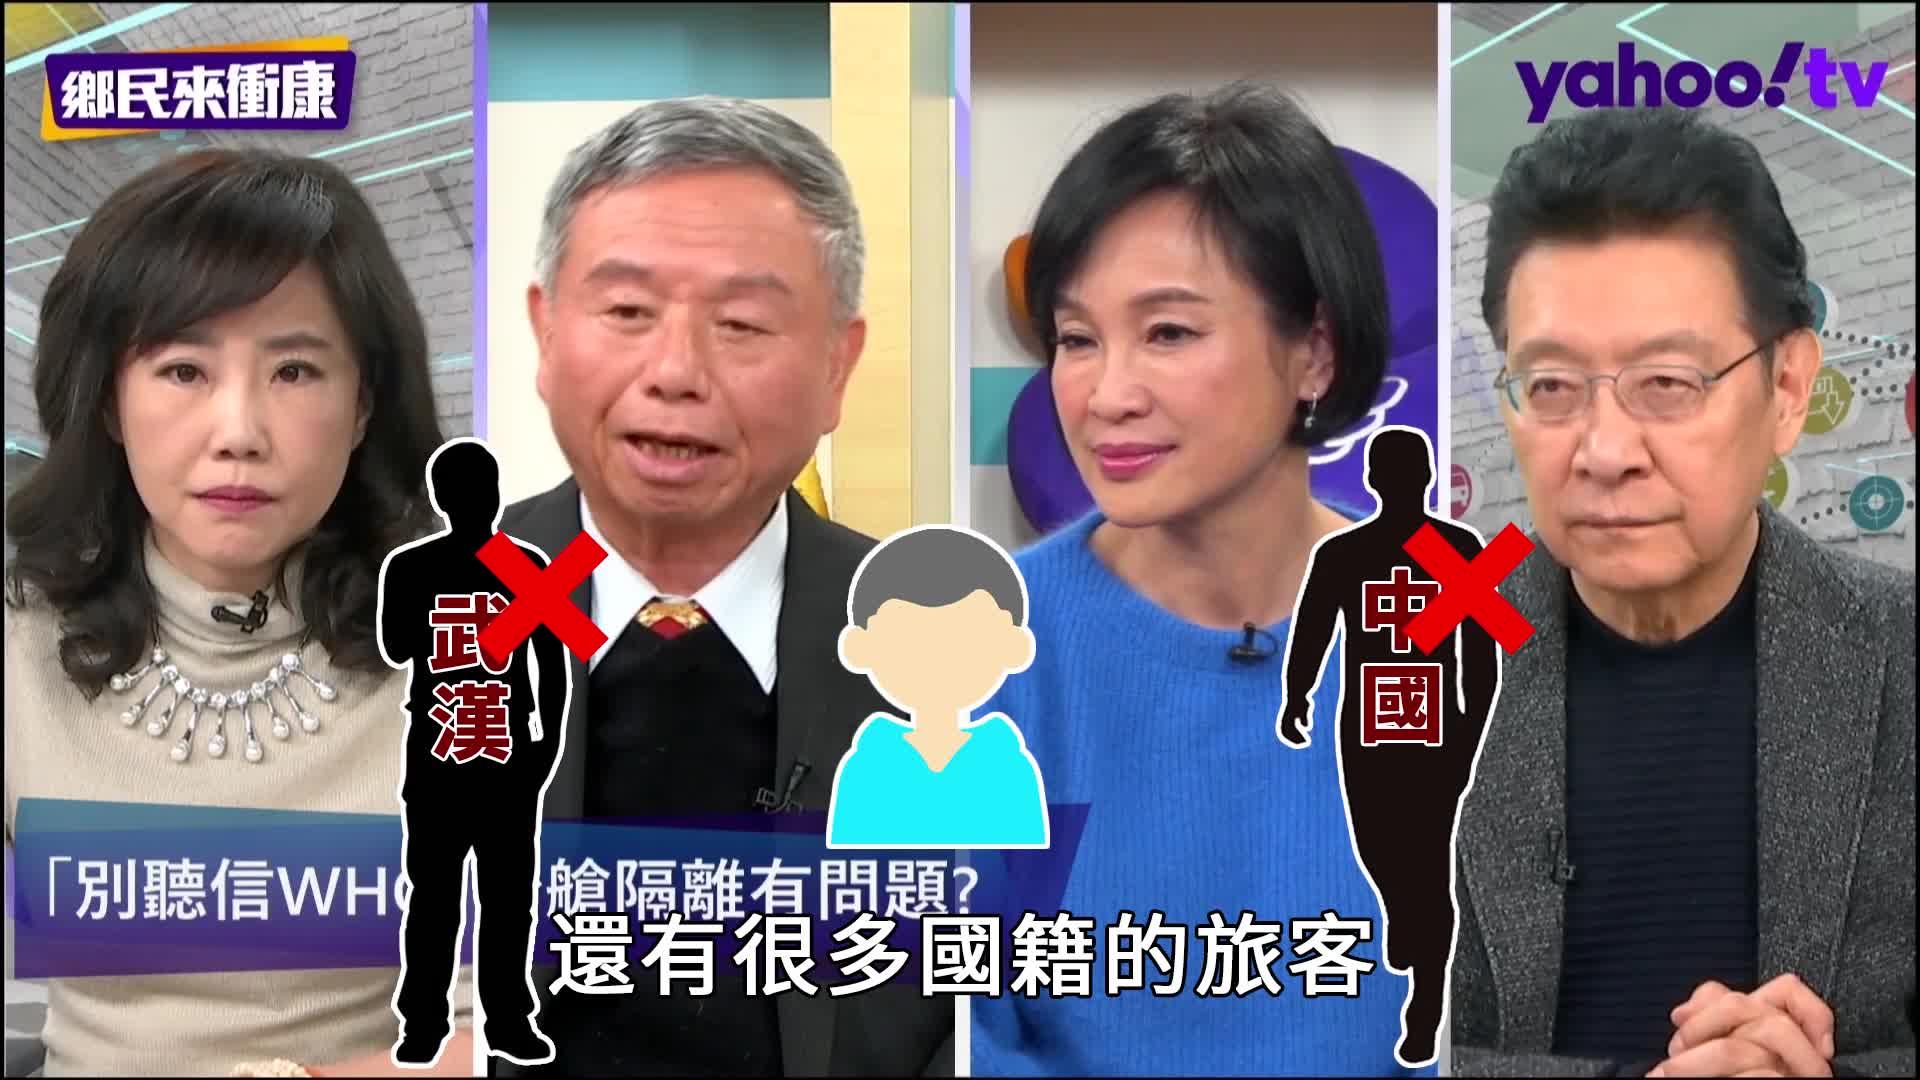 武漢肺炎疫情延燒 楊志良:台灣社區感染不可避免